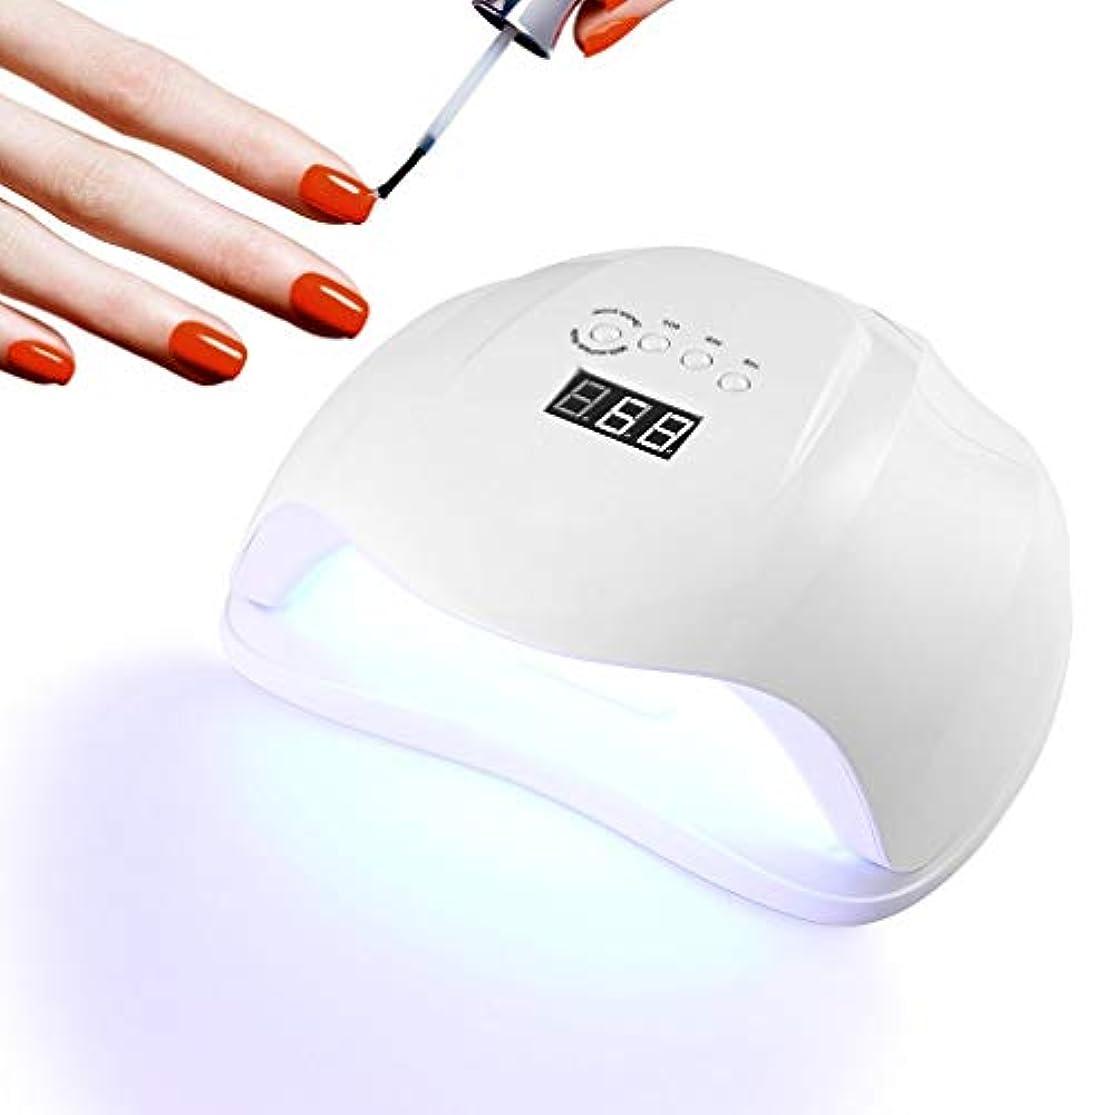 【2019年最新版】 ネイルドライヤー 硬化用UVライト 54W UV LED ネイルライト UVレジンライト ジェルネイルLEDライトネイルライト54w新型 タイマー付き ネイルランプ赤外線センサー付き 液晶ディスプレー 手&足両用 自動センサー タイマー機能付き